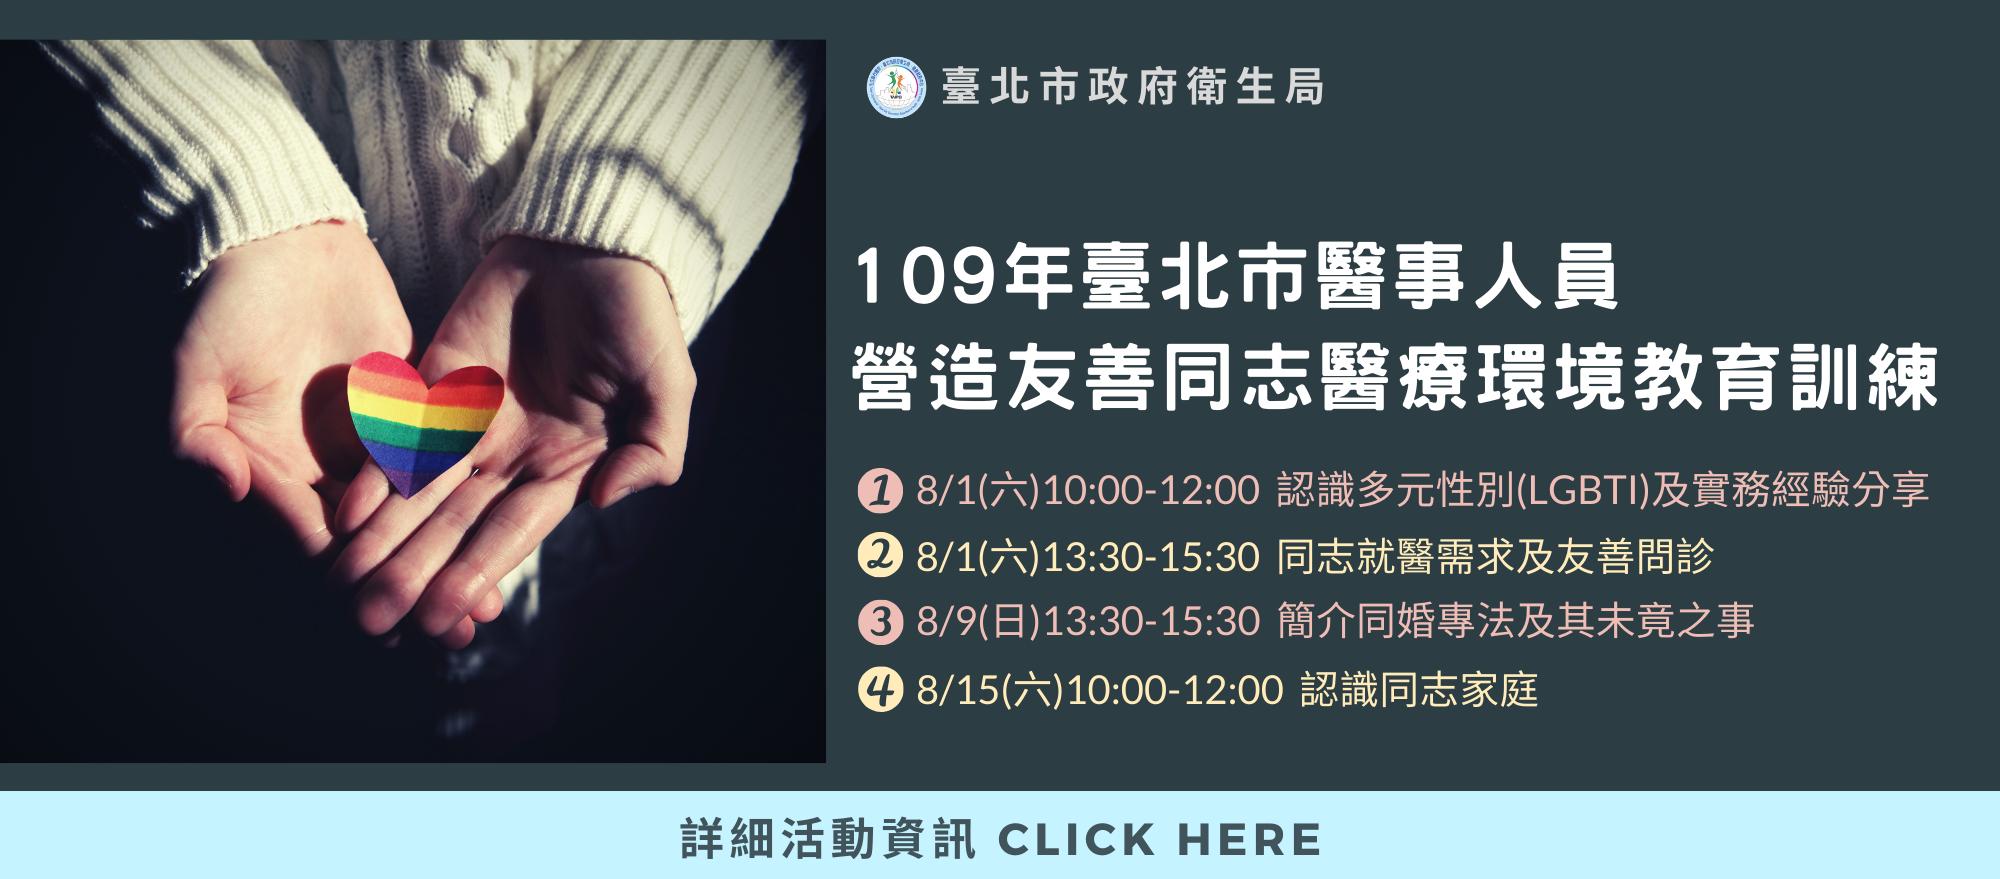 109年臺北市醫事人員營造友善同志醫療環境教育訓練